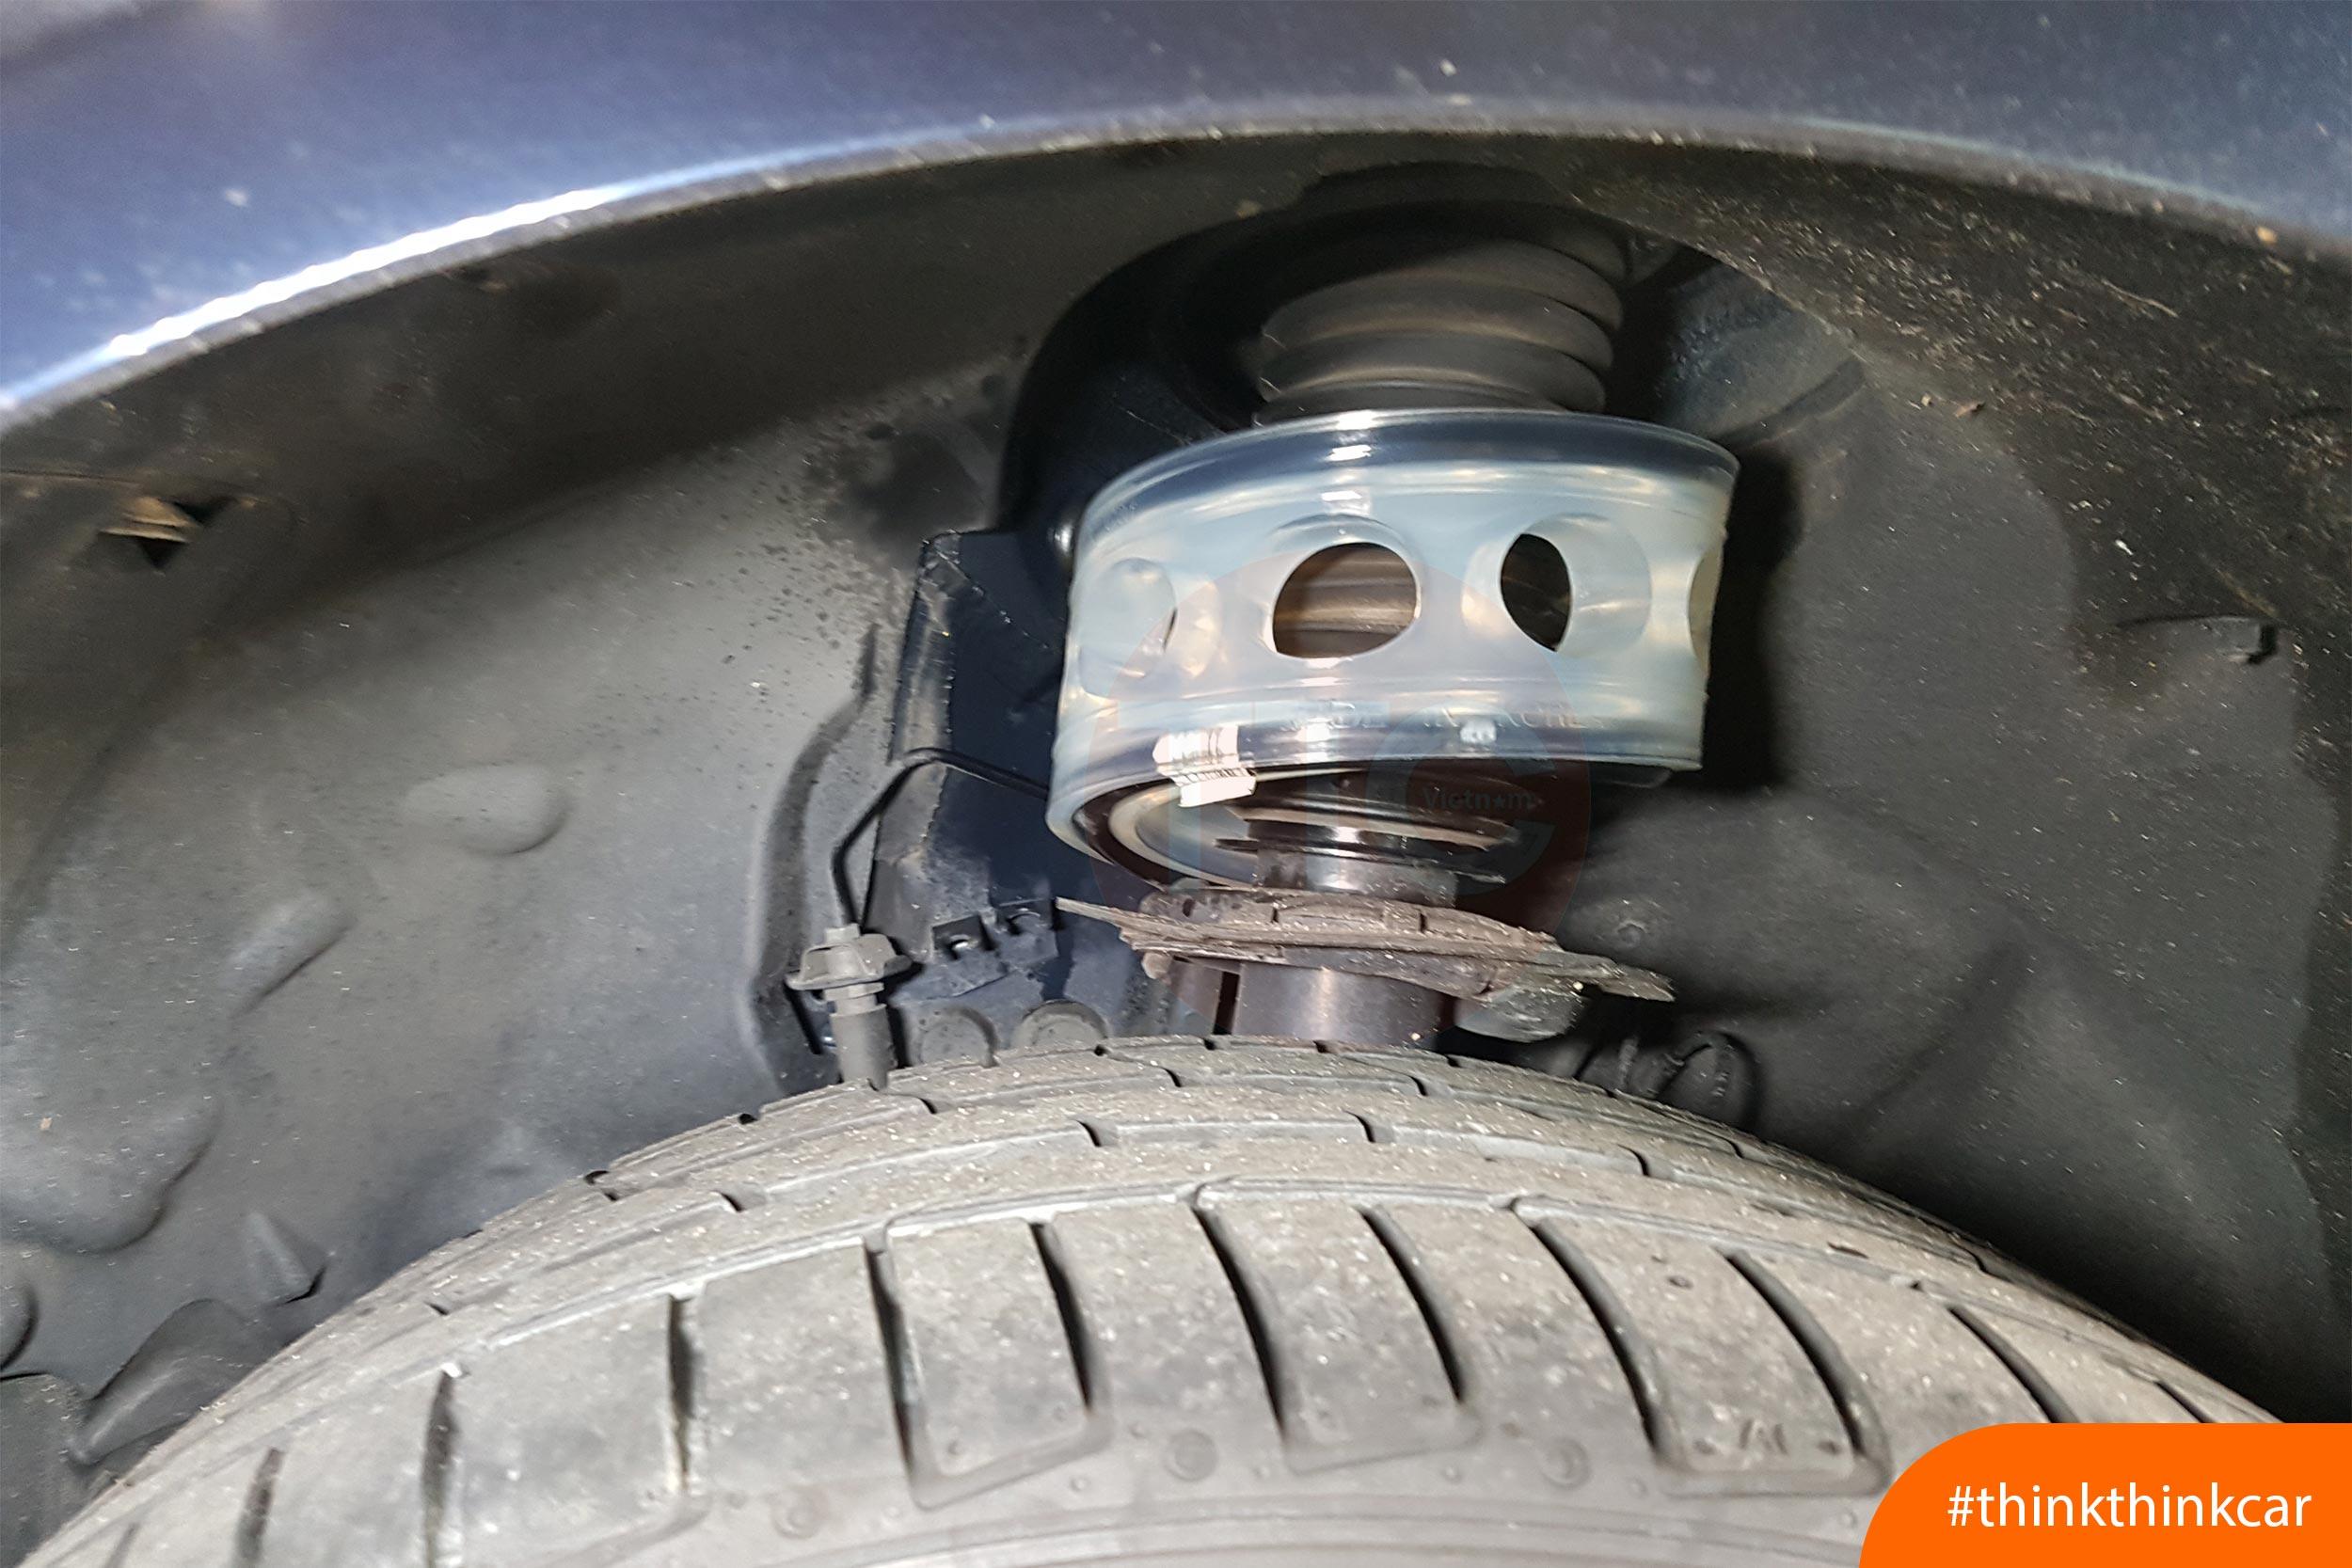 Lắp đệm giảm sóc TTC cho BMW 320i F30 Hình 2